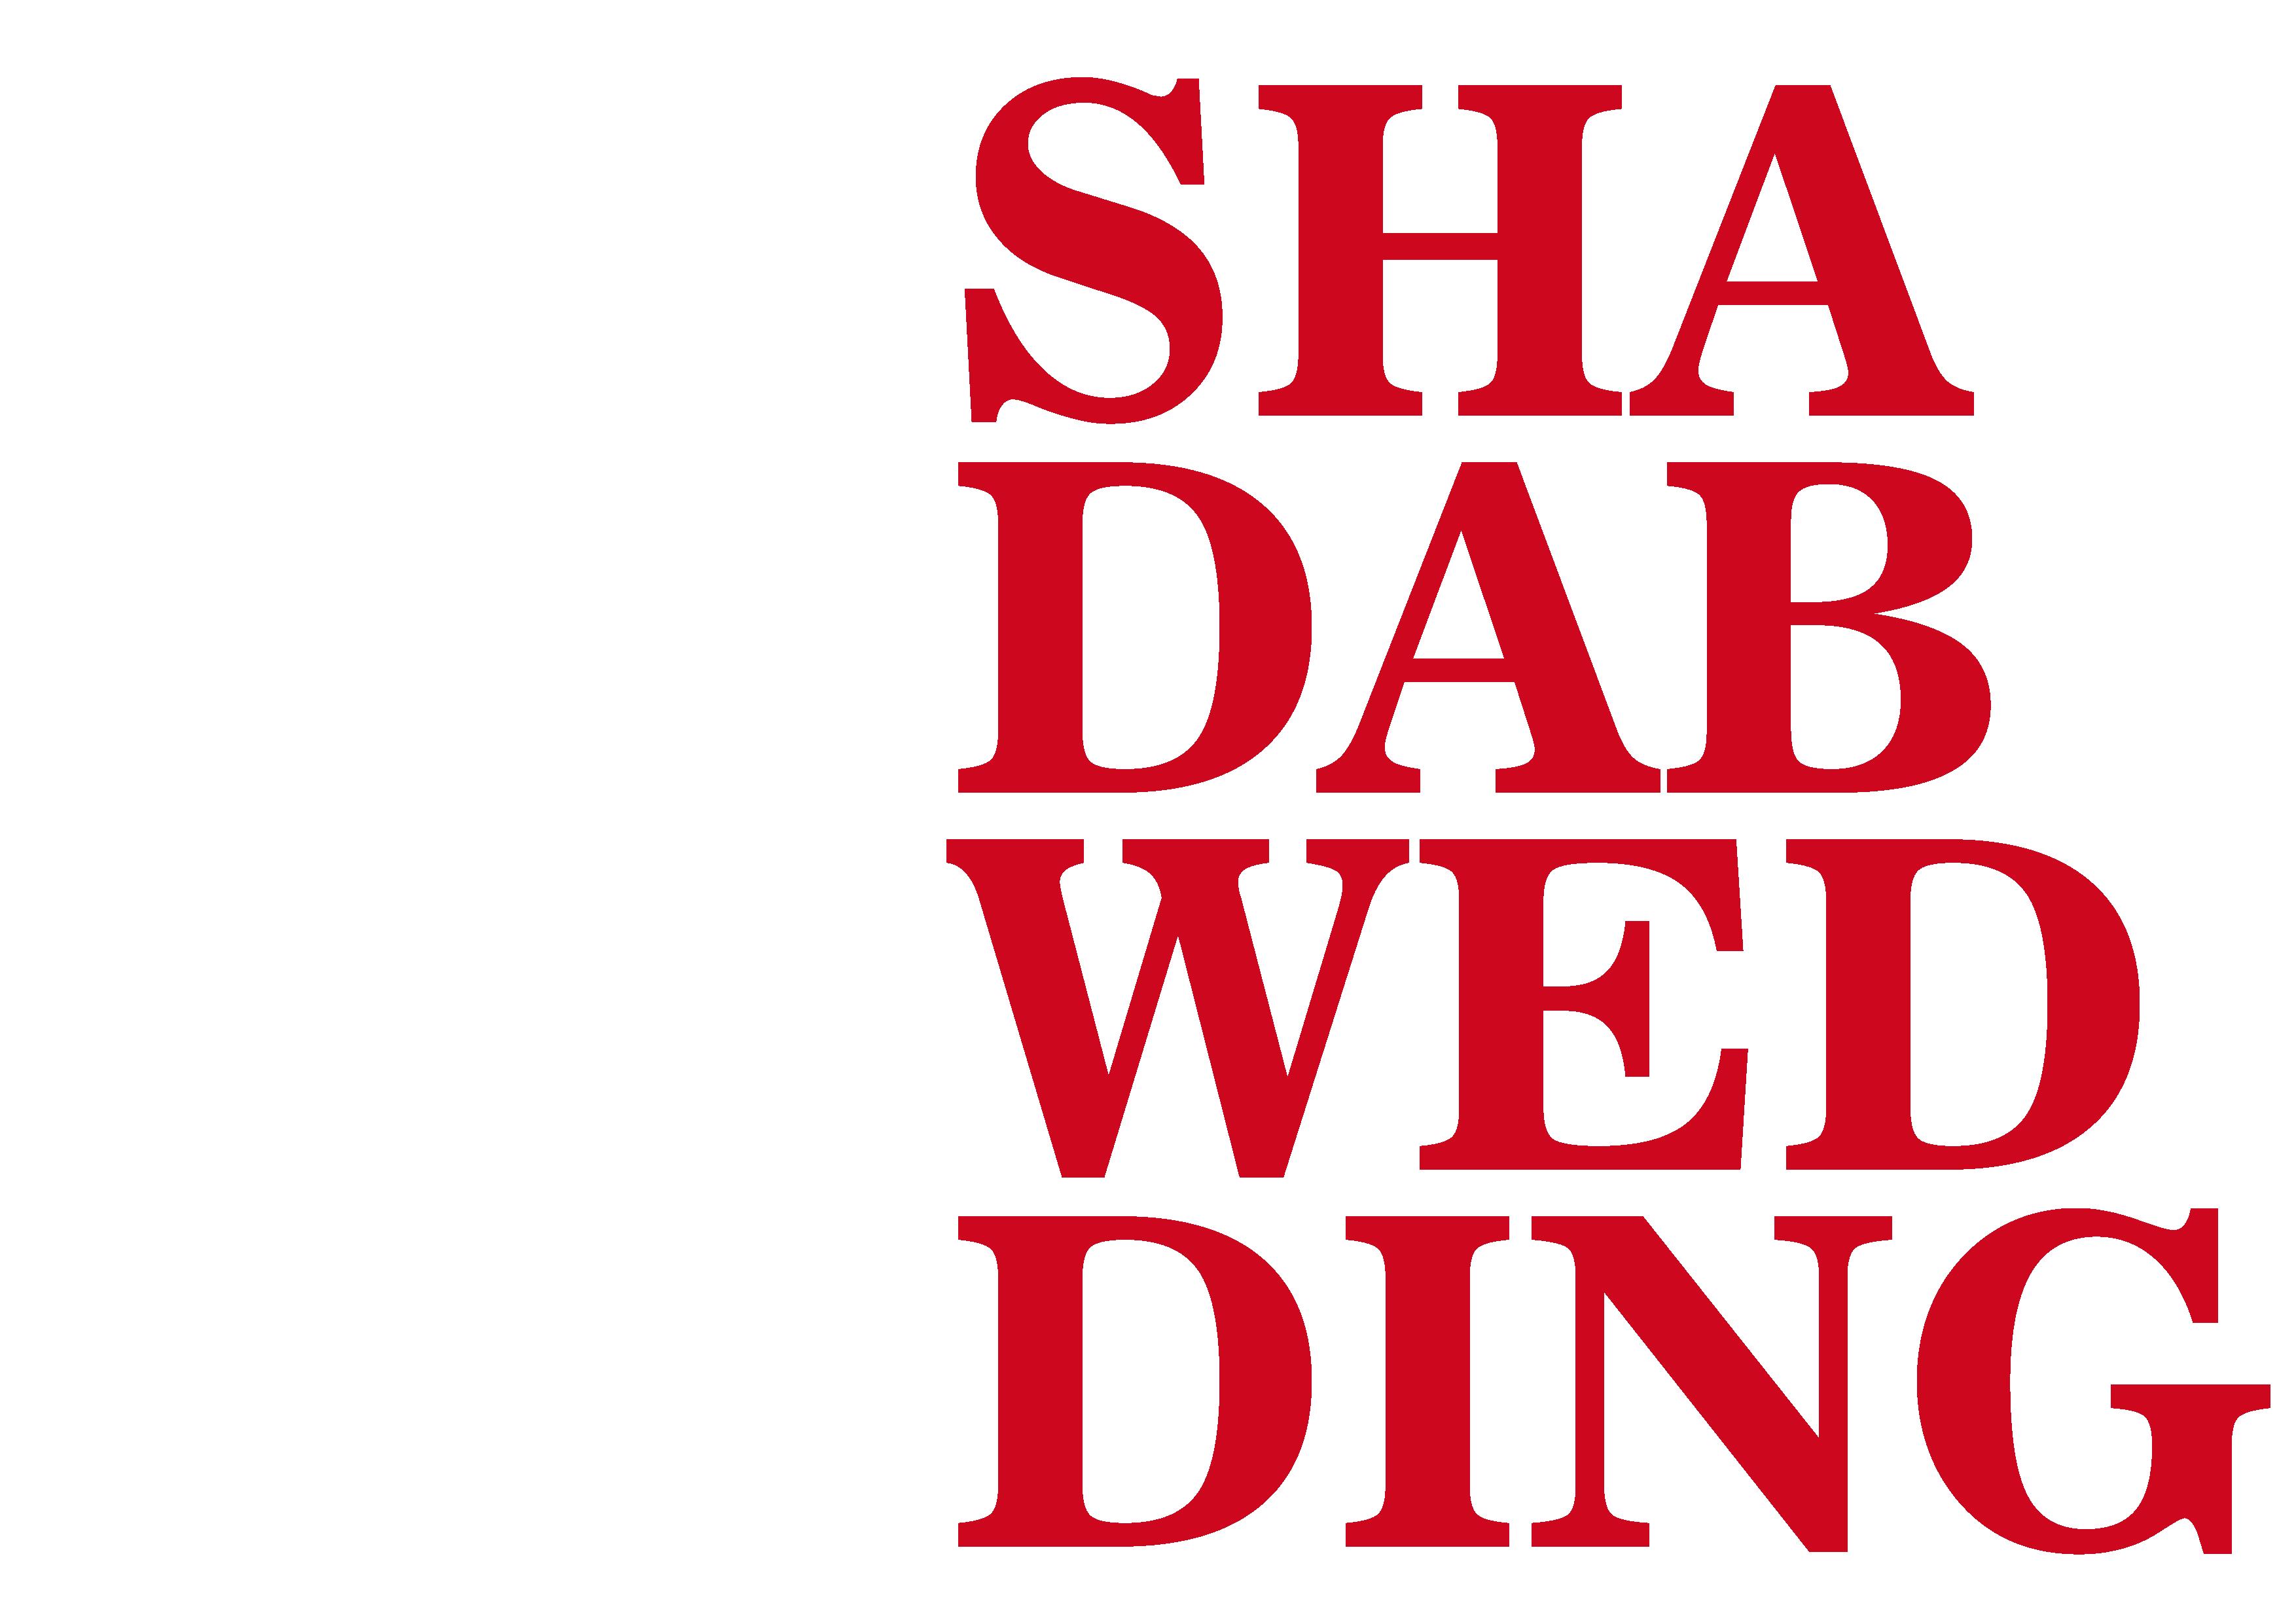 Hochzeitsfotograf Shadab